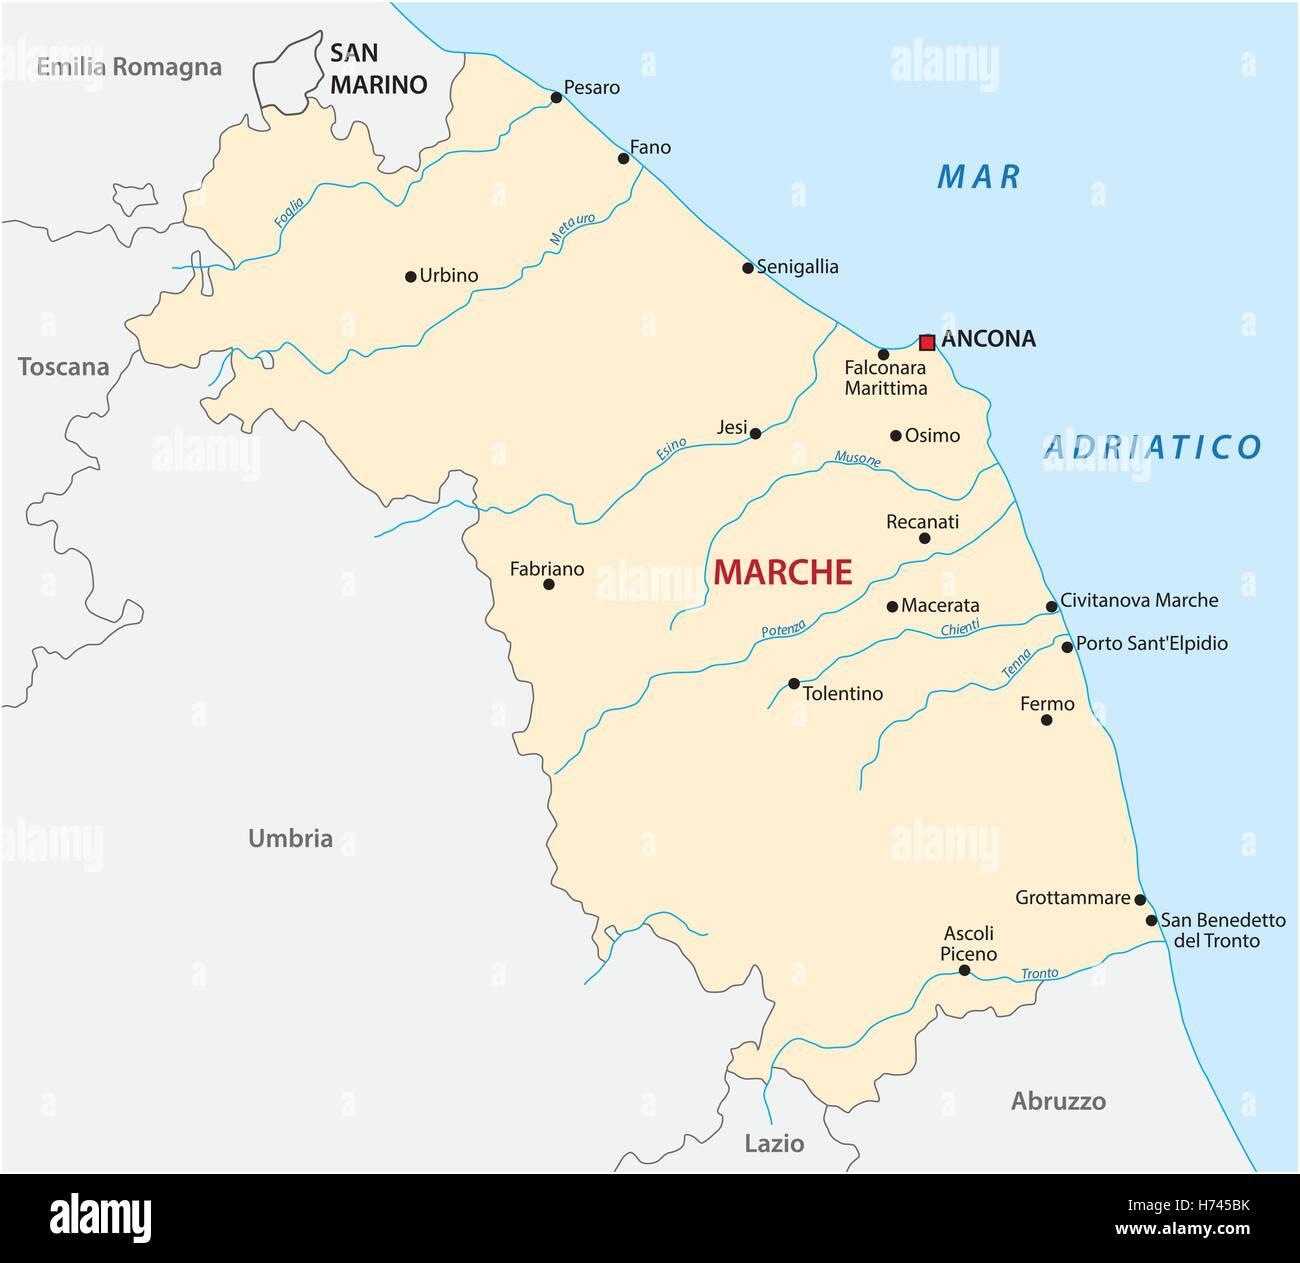 Cartina Stradale Civitanova Marche.Mappa Delle Marche Immagini E Fotos Stock Alamy